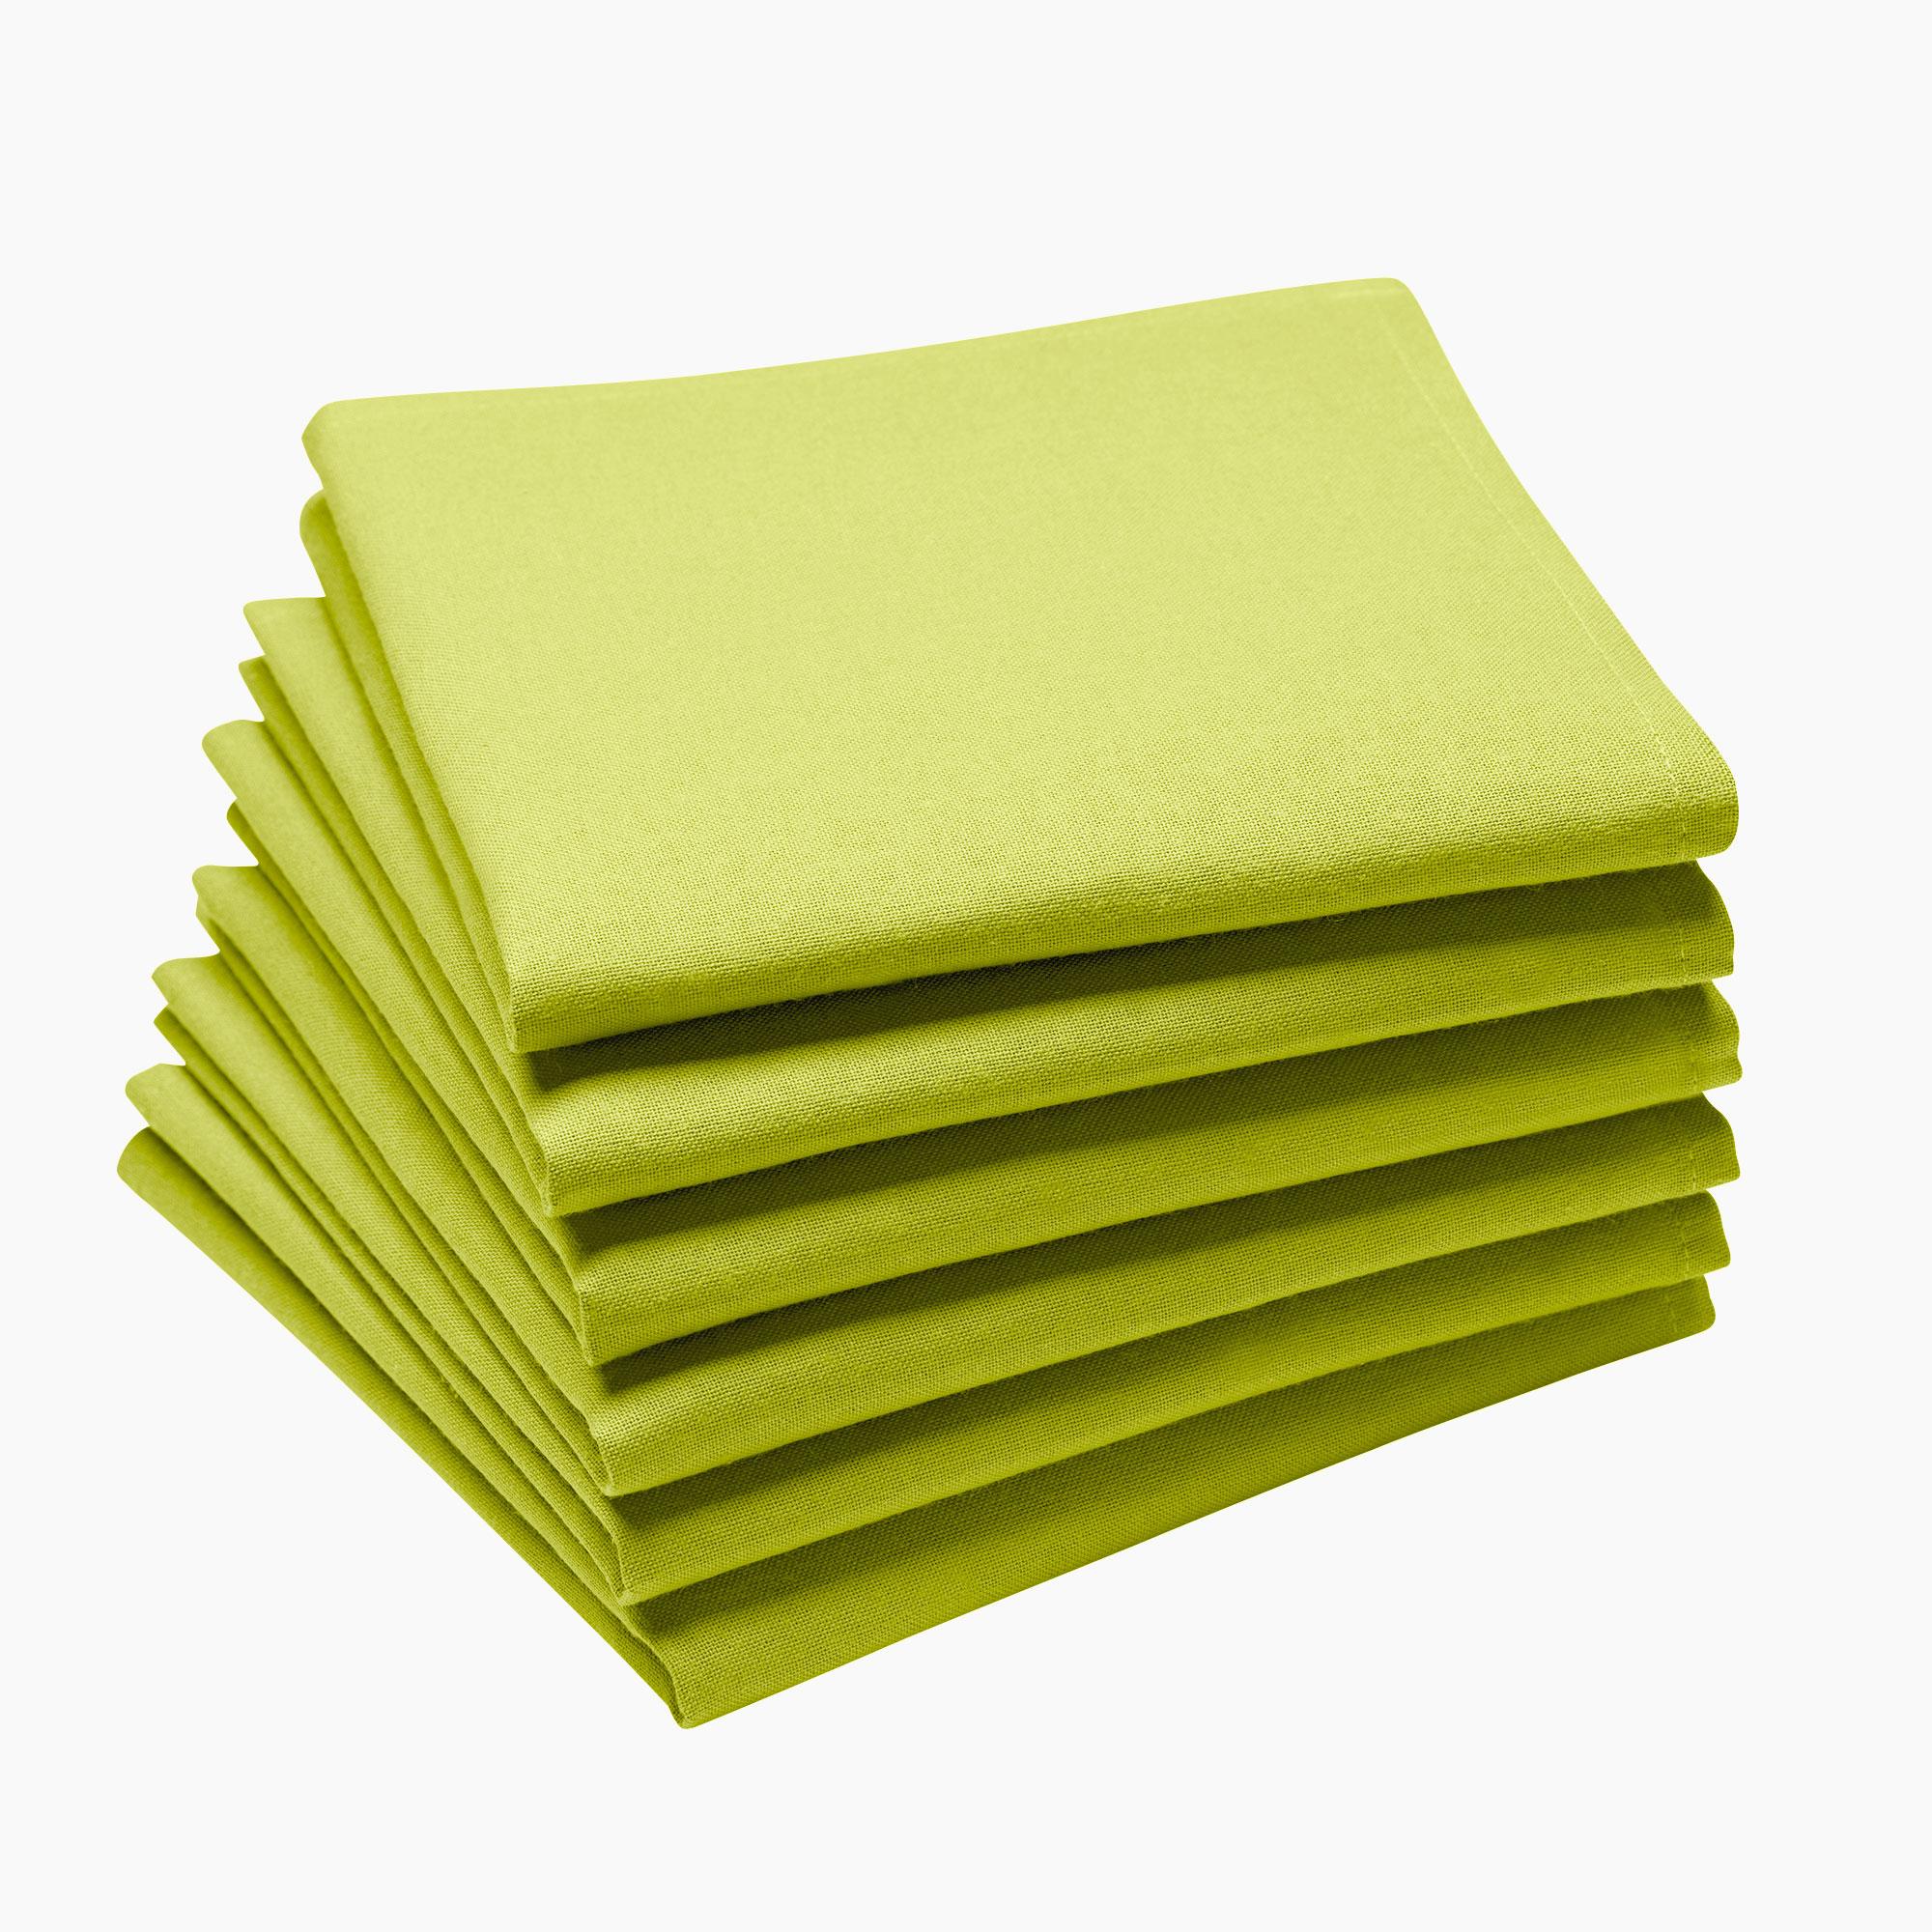 Lot de 6 serviettes en coton traite Teflon, Kiwi 45 x 45